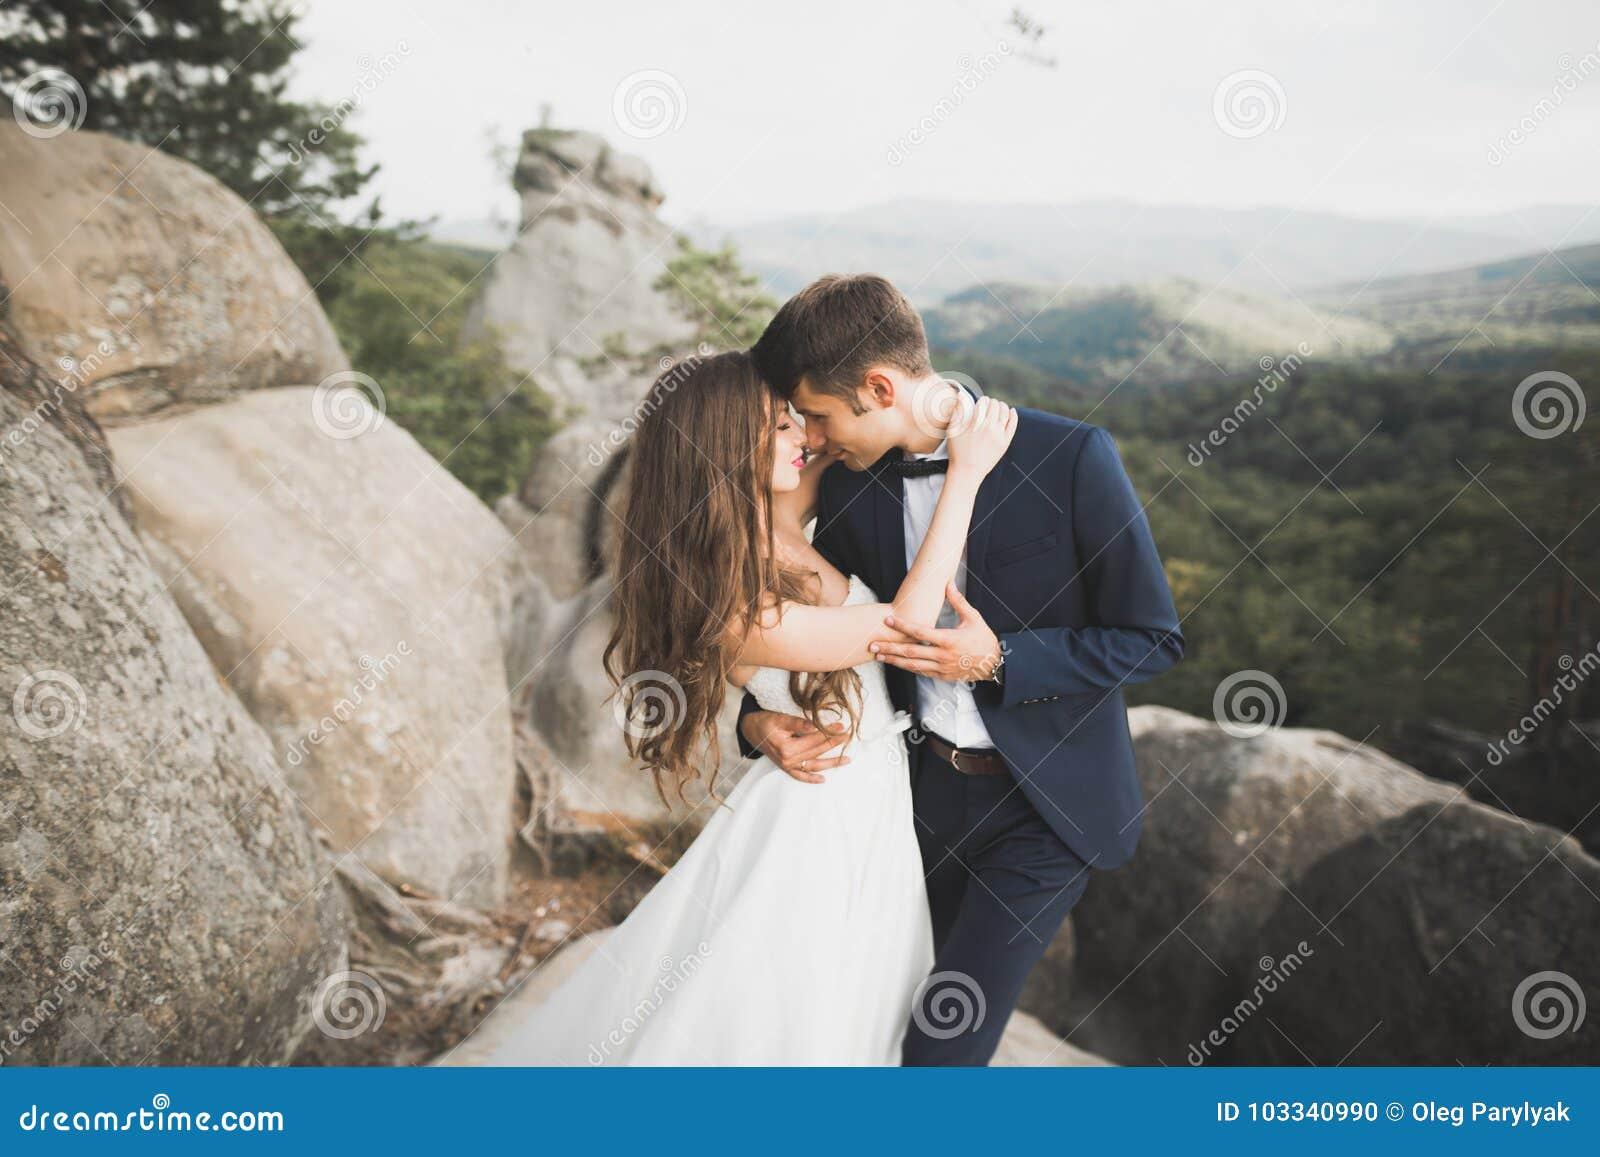 Πανέμορφη νύφη, νεόνυμφος που φιλά και που αγκαλιάζει κοντά στους απότομους βράχους με τις ζαλίζοντας απόψεις